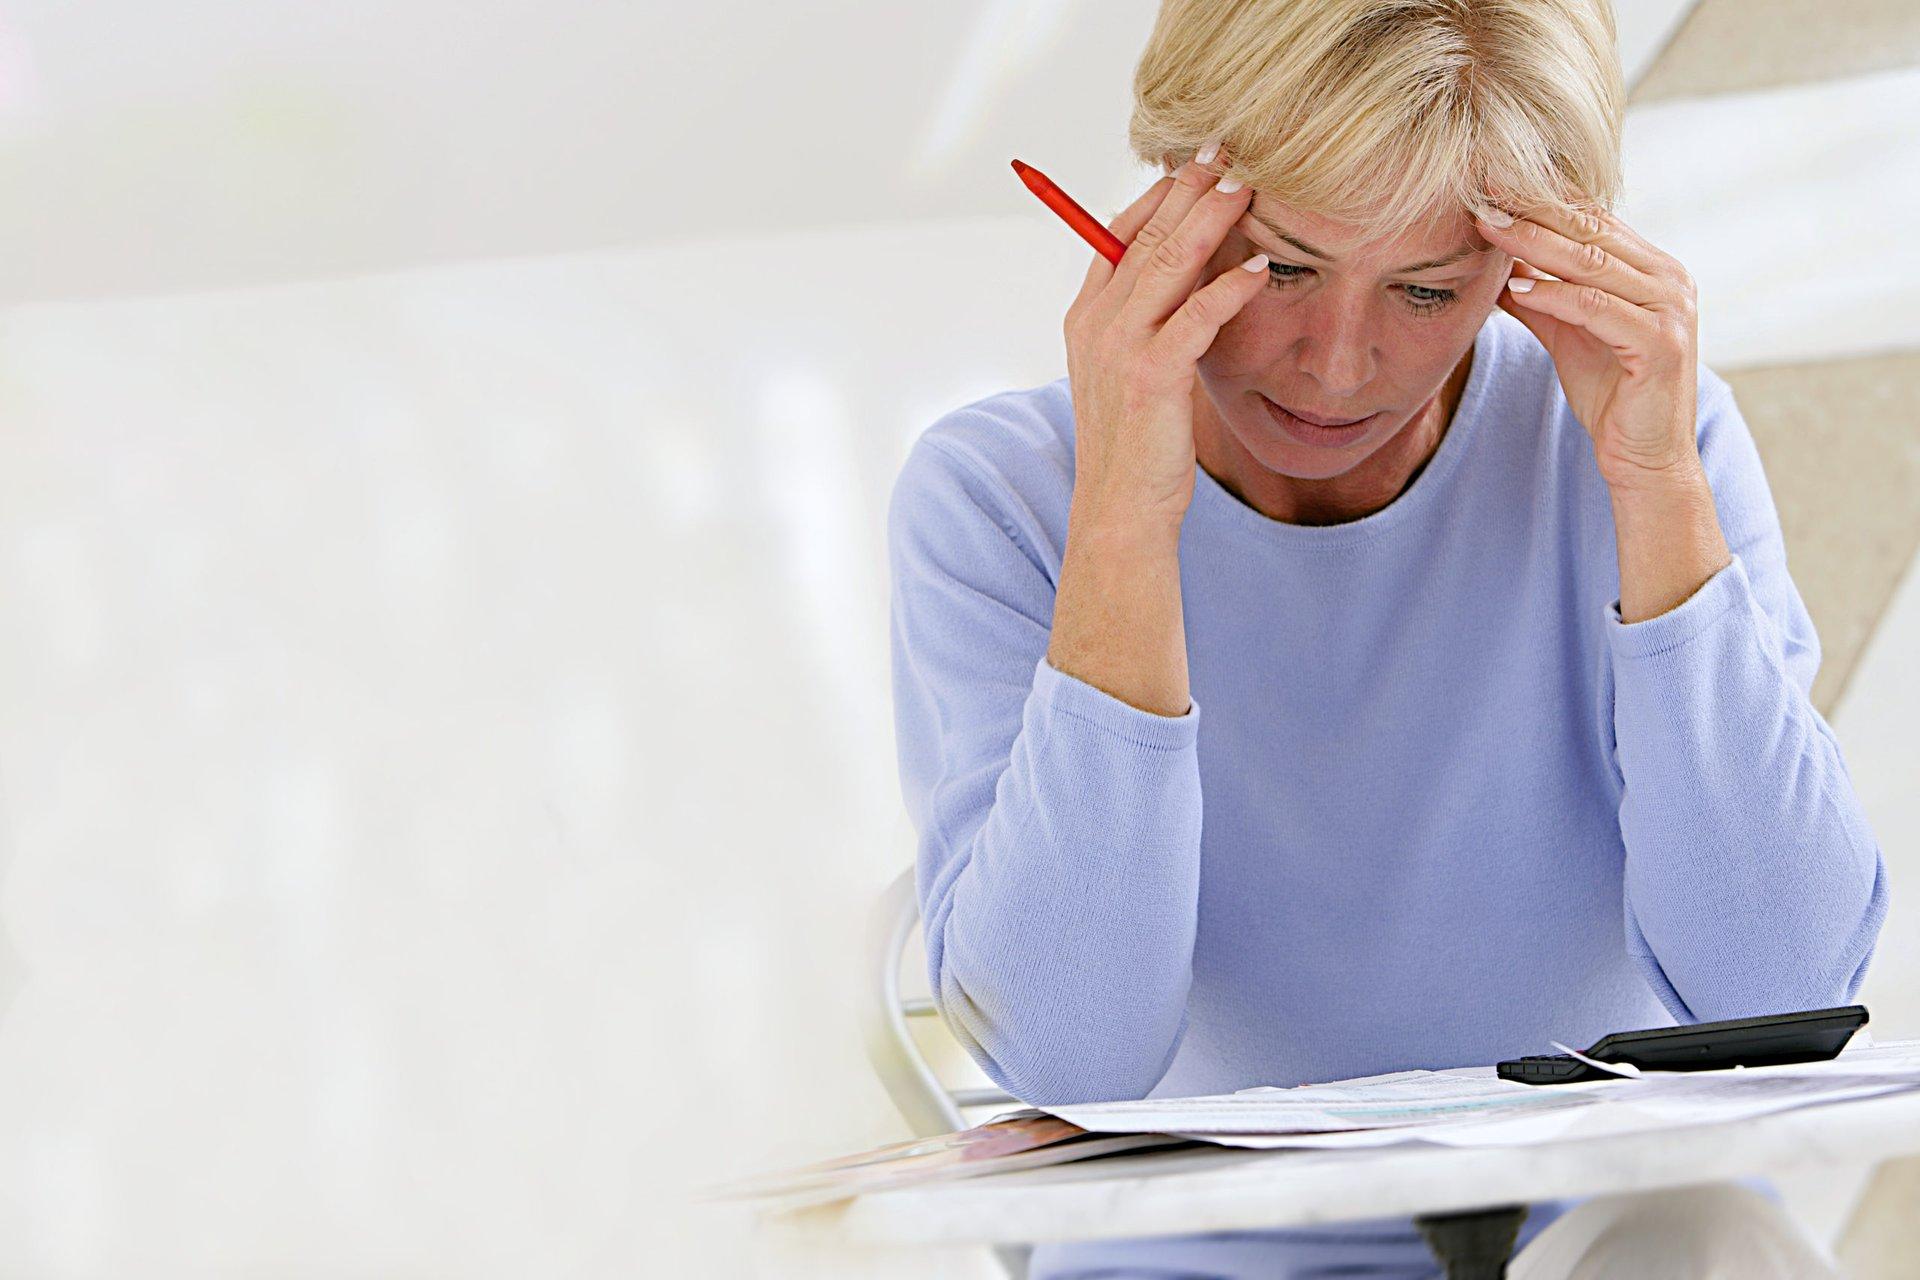 Stressed senior worried about bills